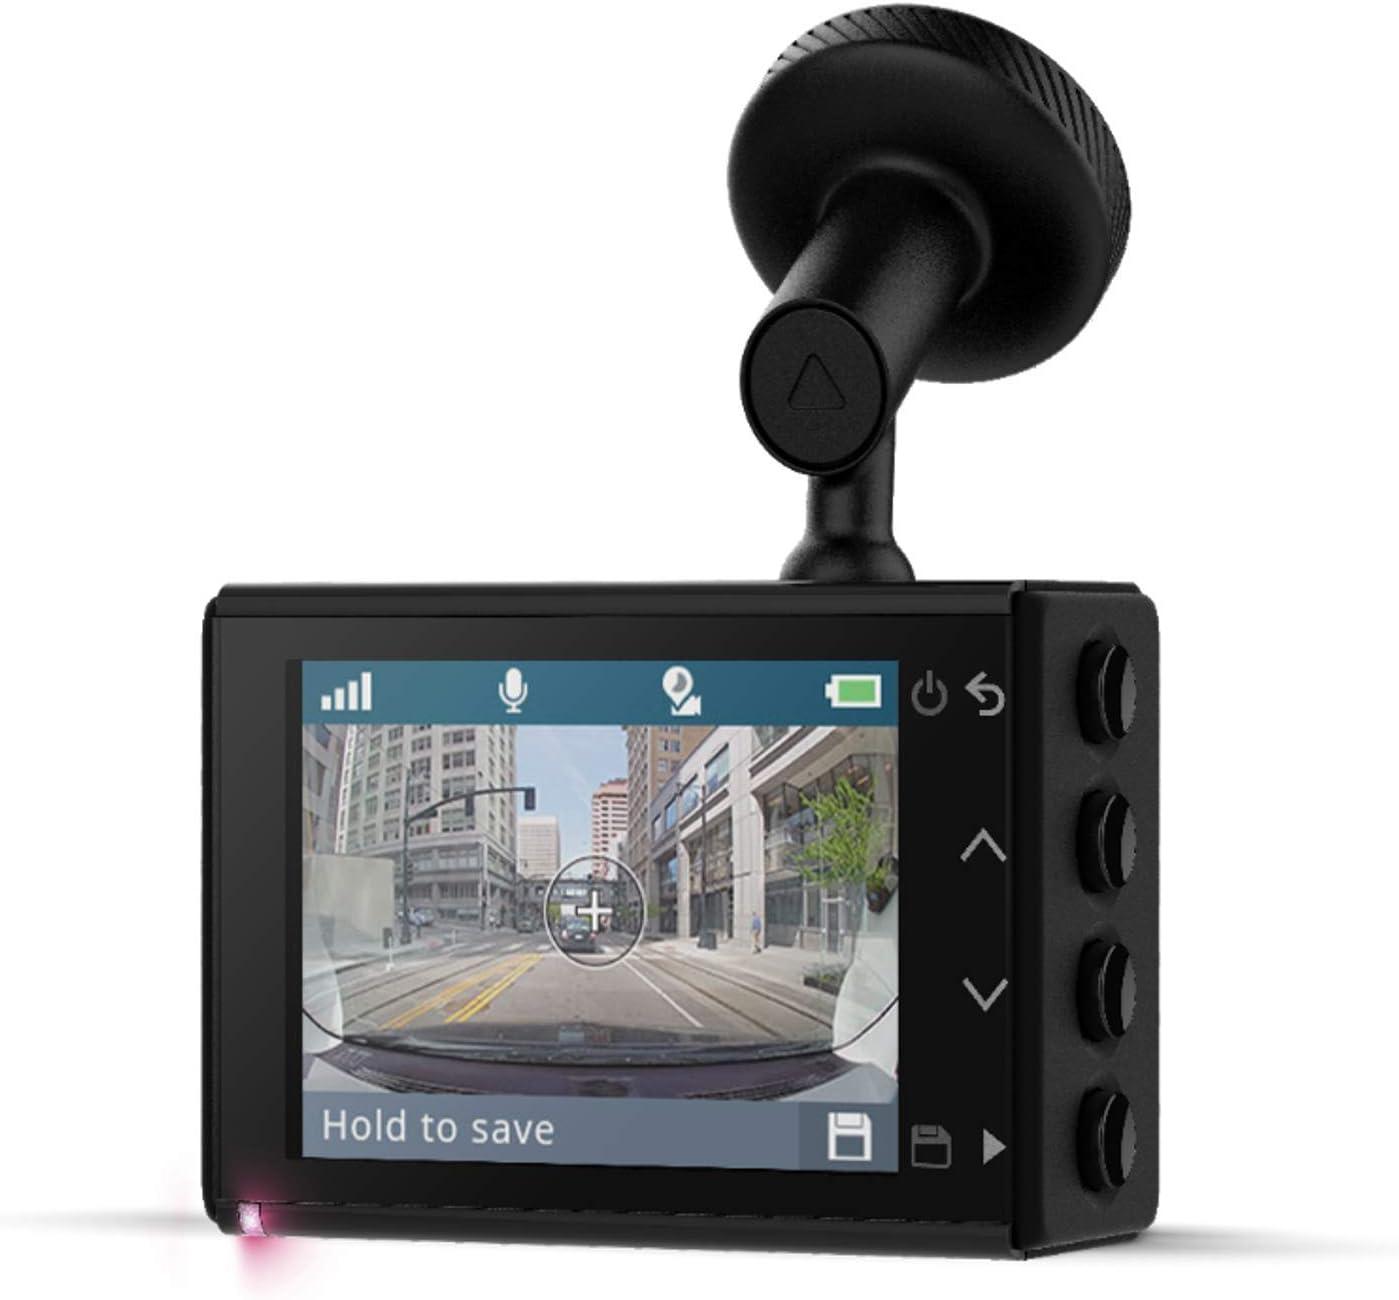 Garmin Dashcam 66w Automatische Speicherung Von Unfallvideos 2 Zoll Lcd Farbdisplay Hd 1440p 180 Bild Dash Cam Parking Mode Cable Für Garmin Dash Cams Festeinbaukabel Für Überwachungsmodus Navigation